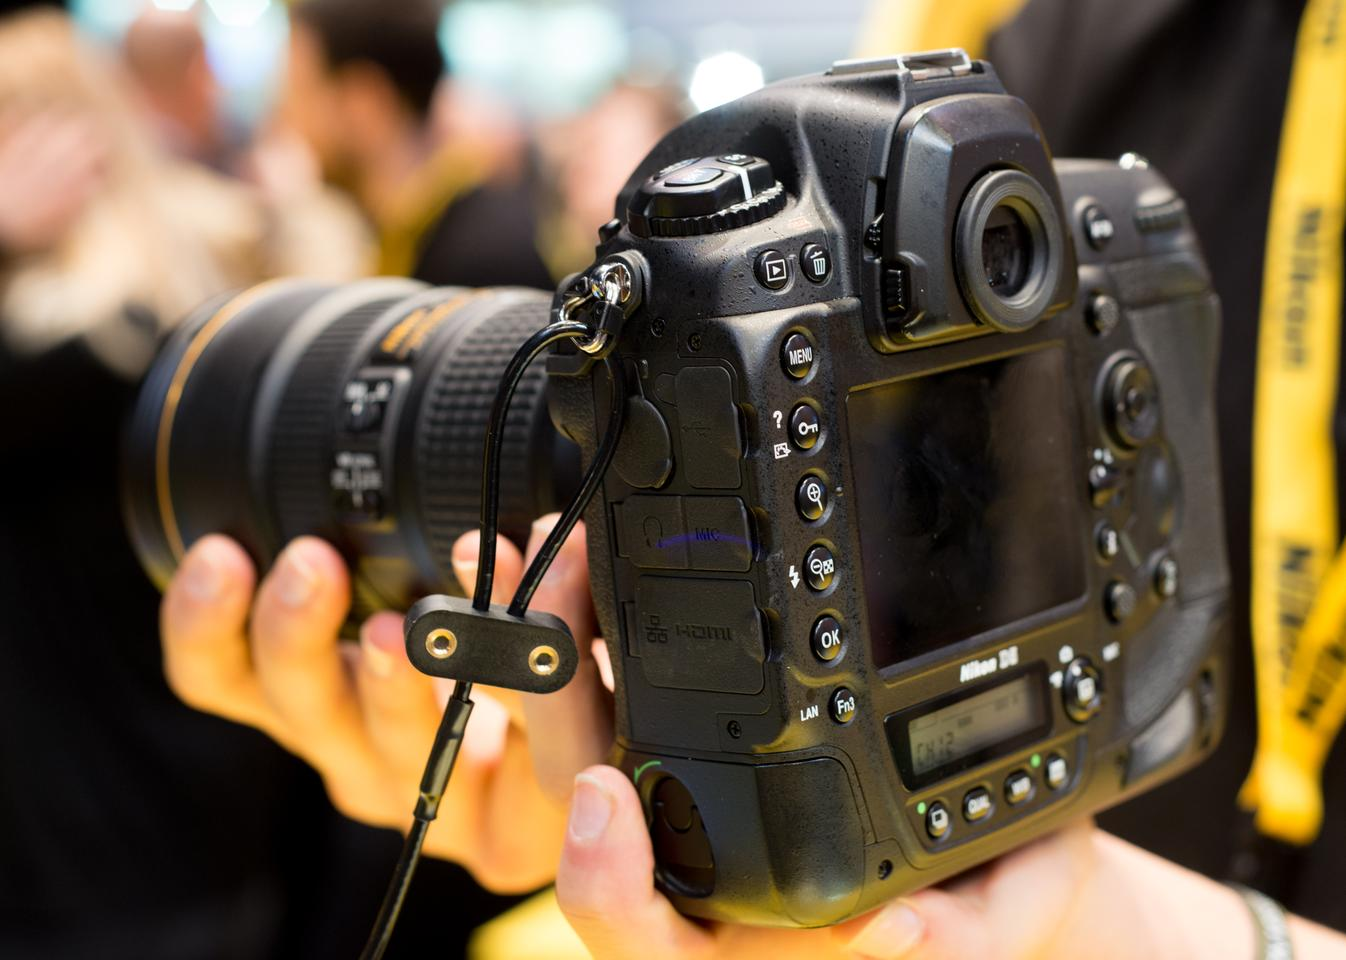 The Nikon D5 sounds like a machine gun when firing off shots at 12 fps